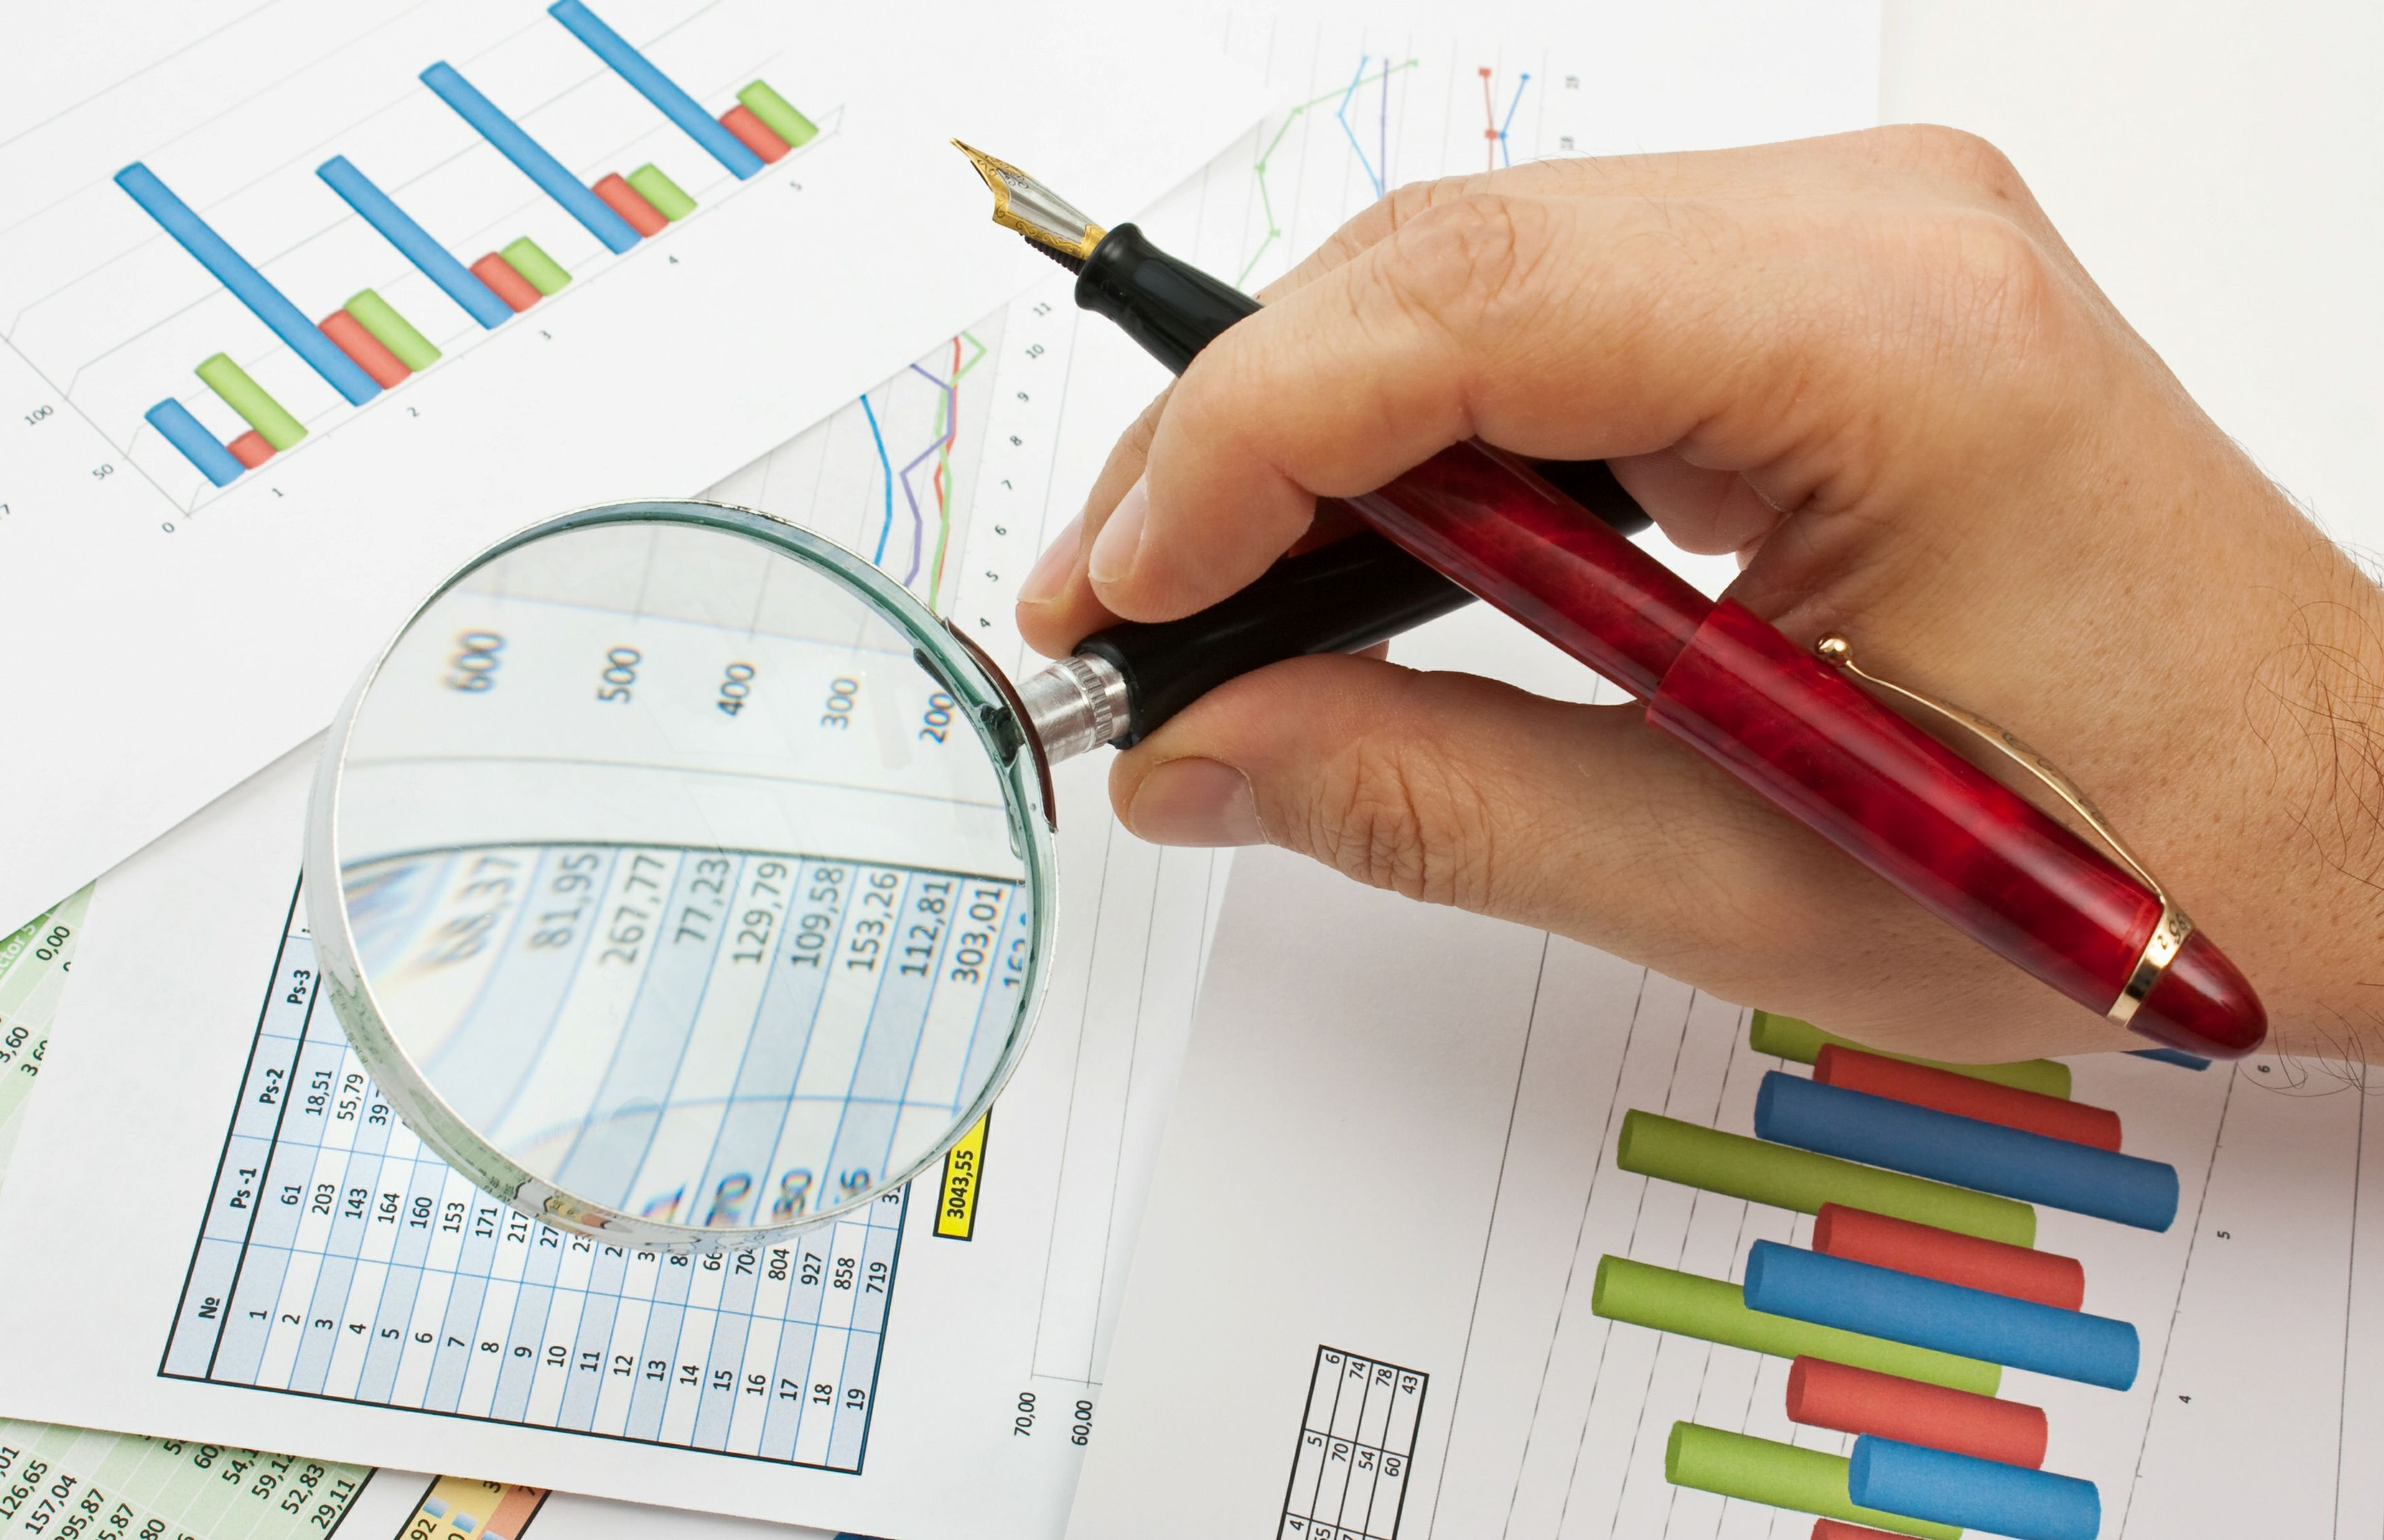 格隆汇港股聚焦(9.27)︱百威亚太公开发售超购3.64倍   高银金融45.98亿港元收购九龙湾写字楼重建项目